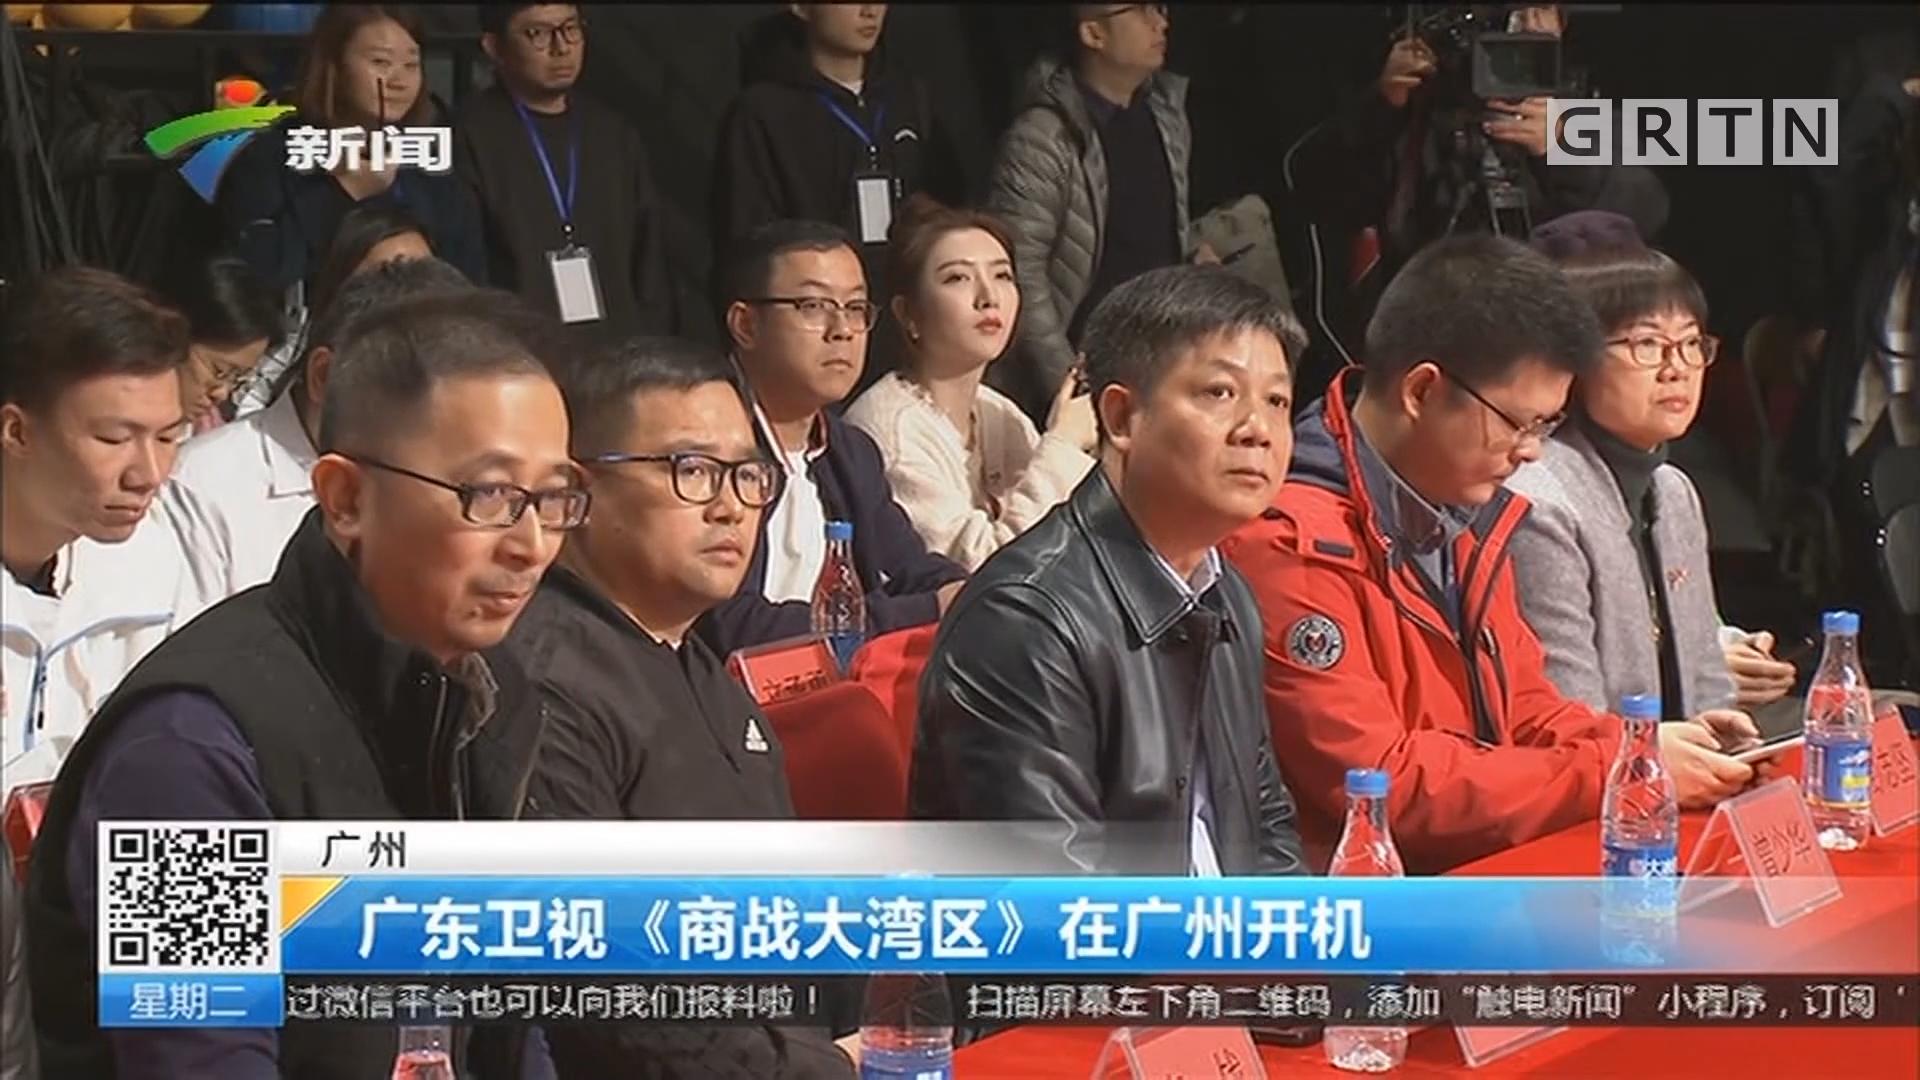 广州:广东卫视《商战大湾区》在广州开机